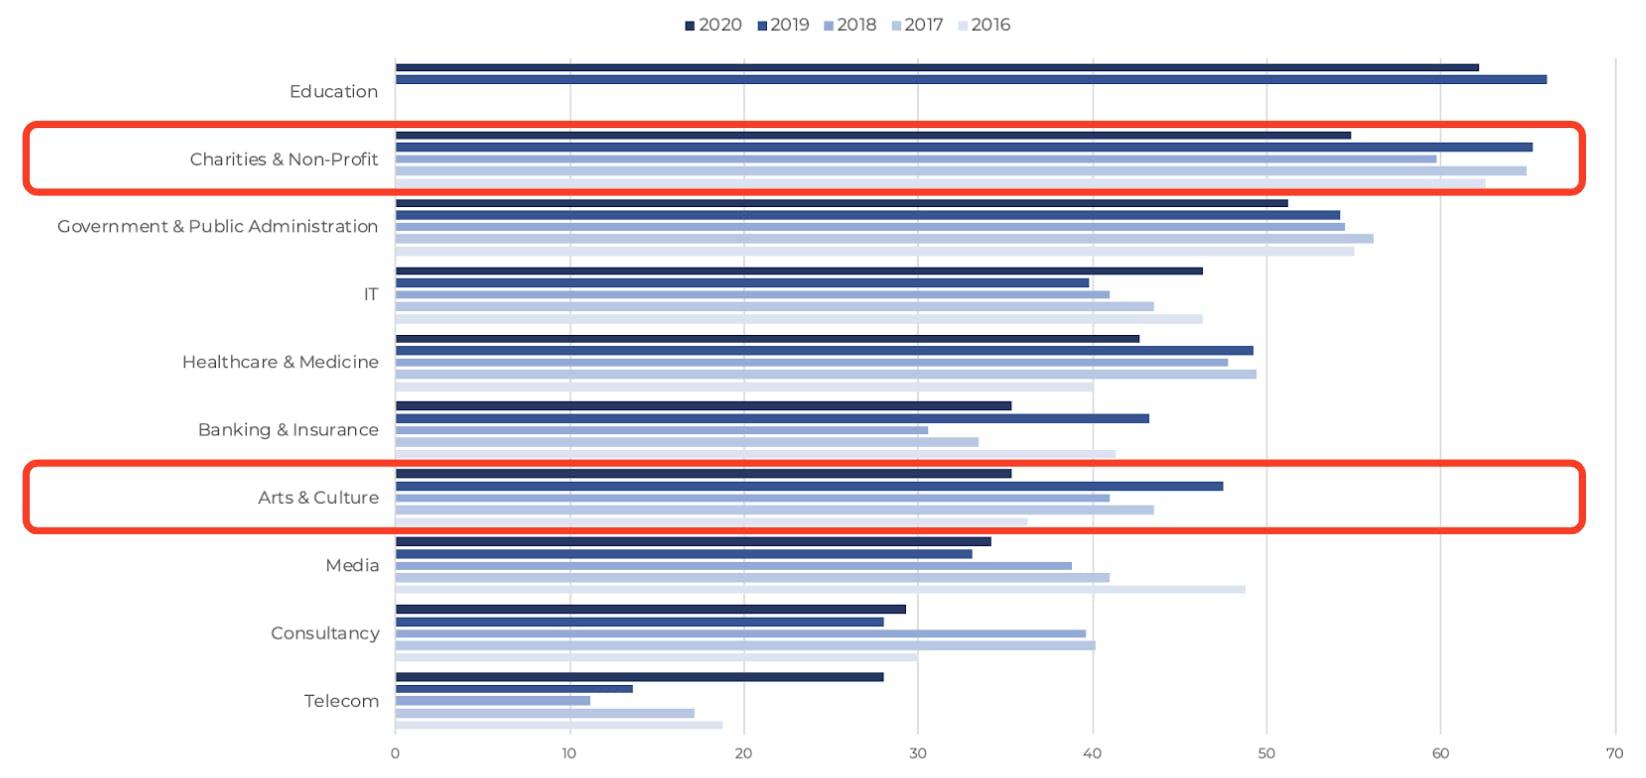 Drupal Business Survey 2020 Top 10 Industries 2